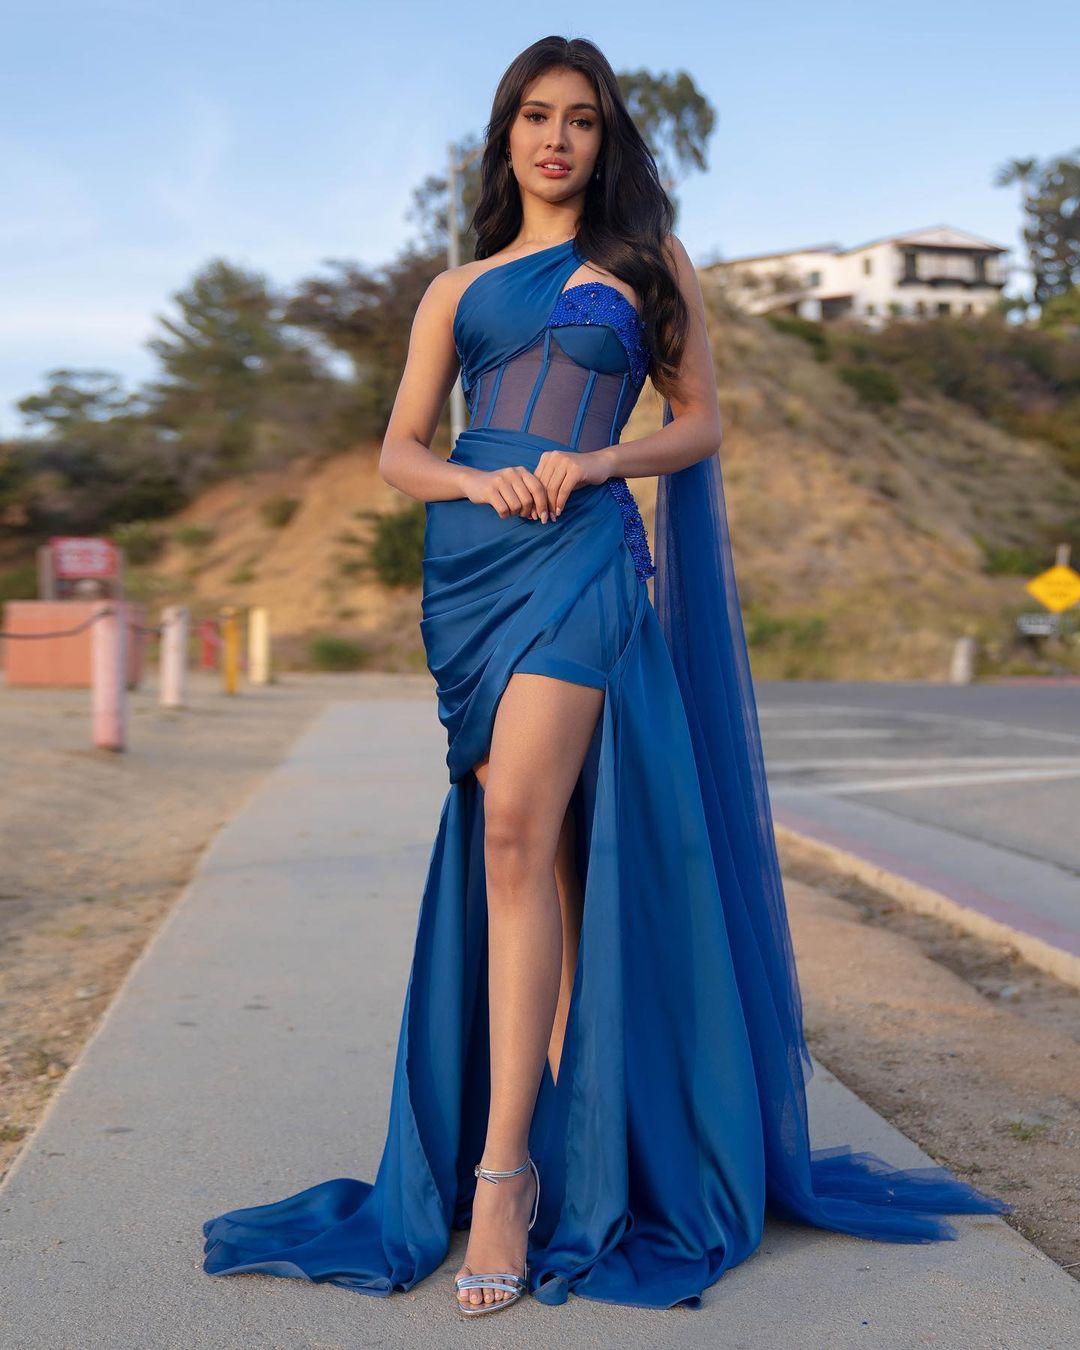 Miss Universe 2020 Philippines bet Rabiya Mateo